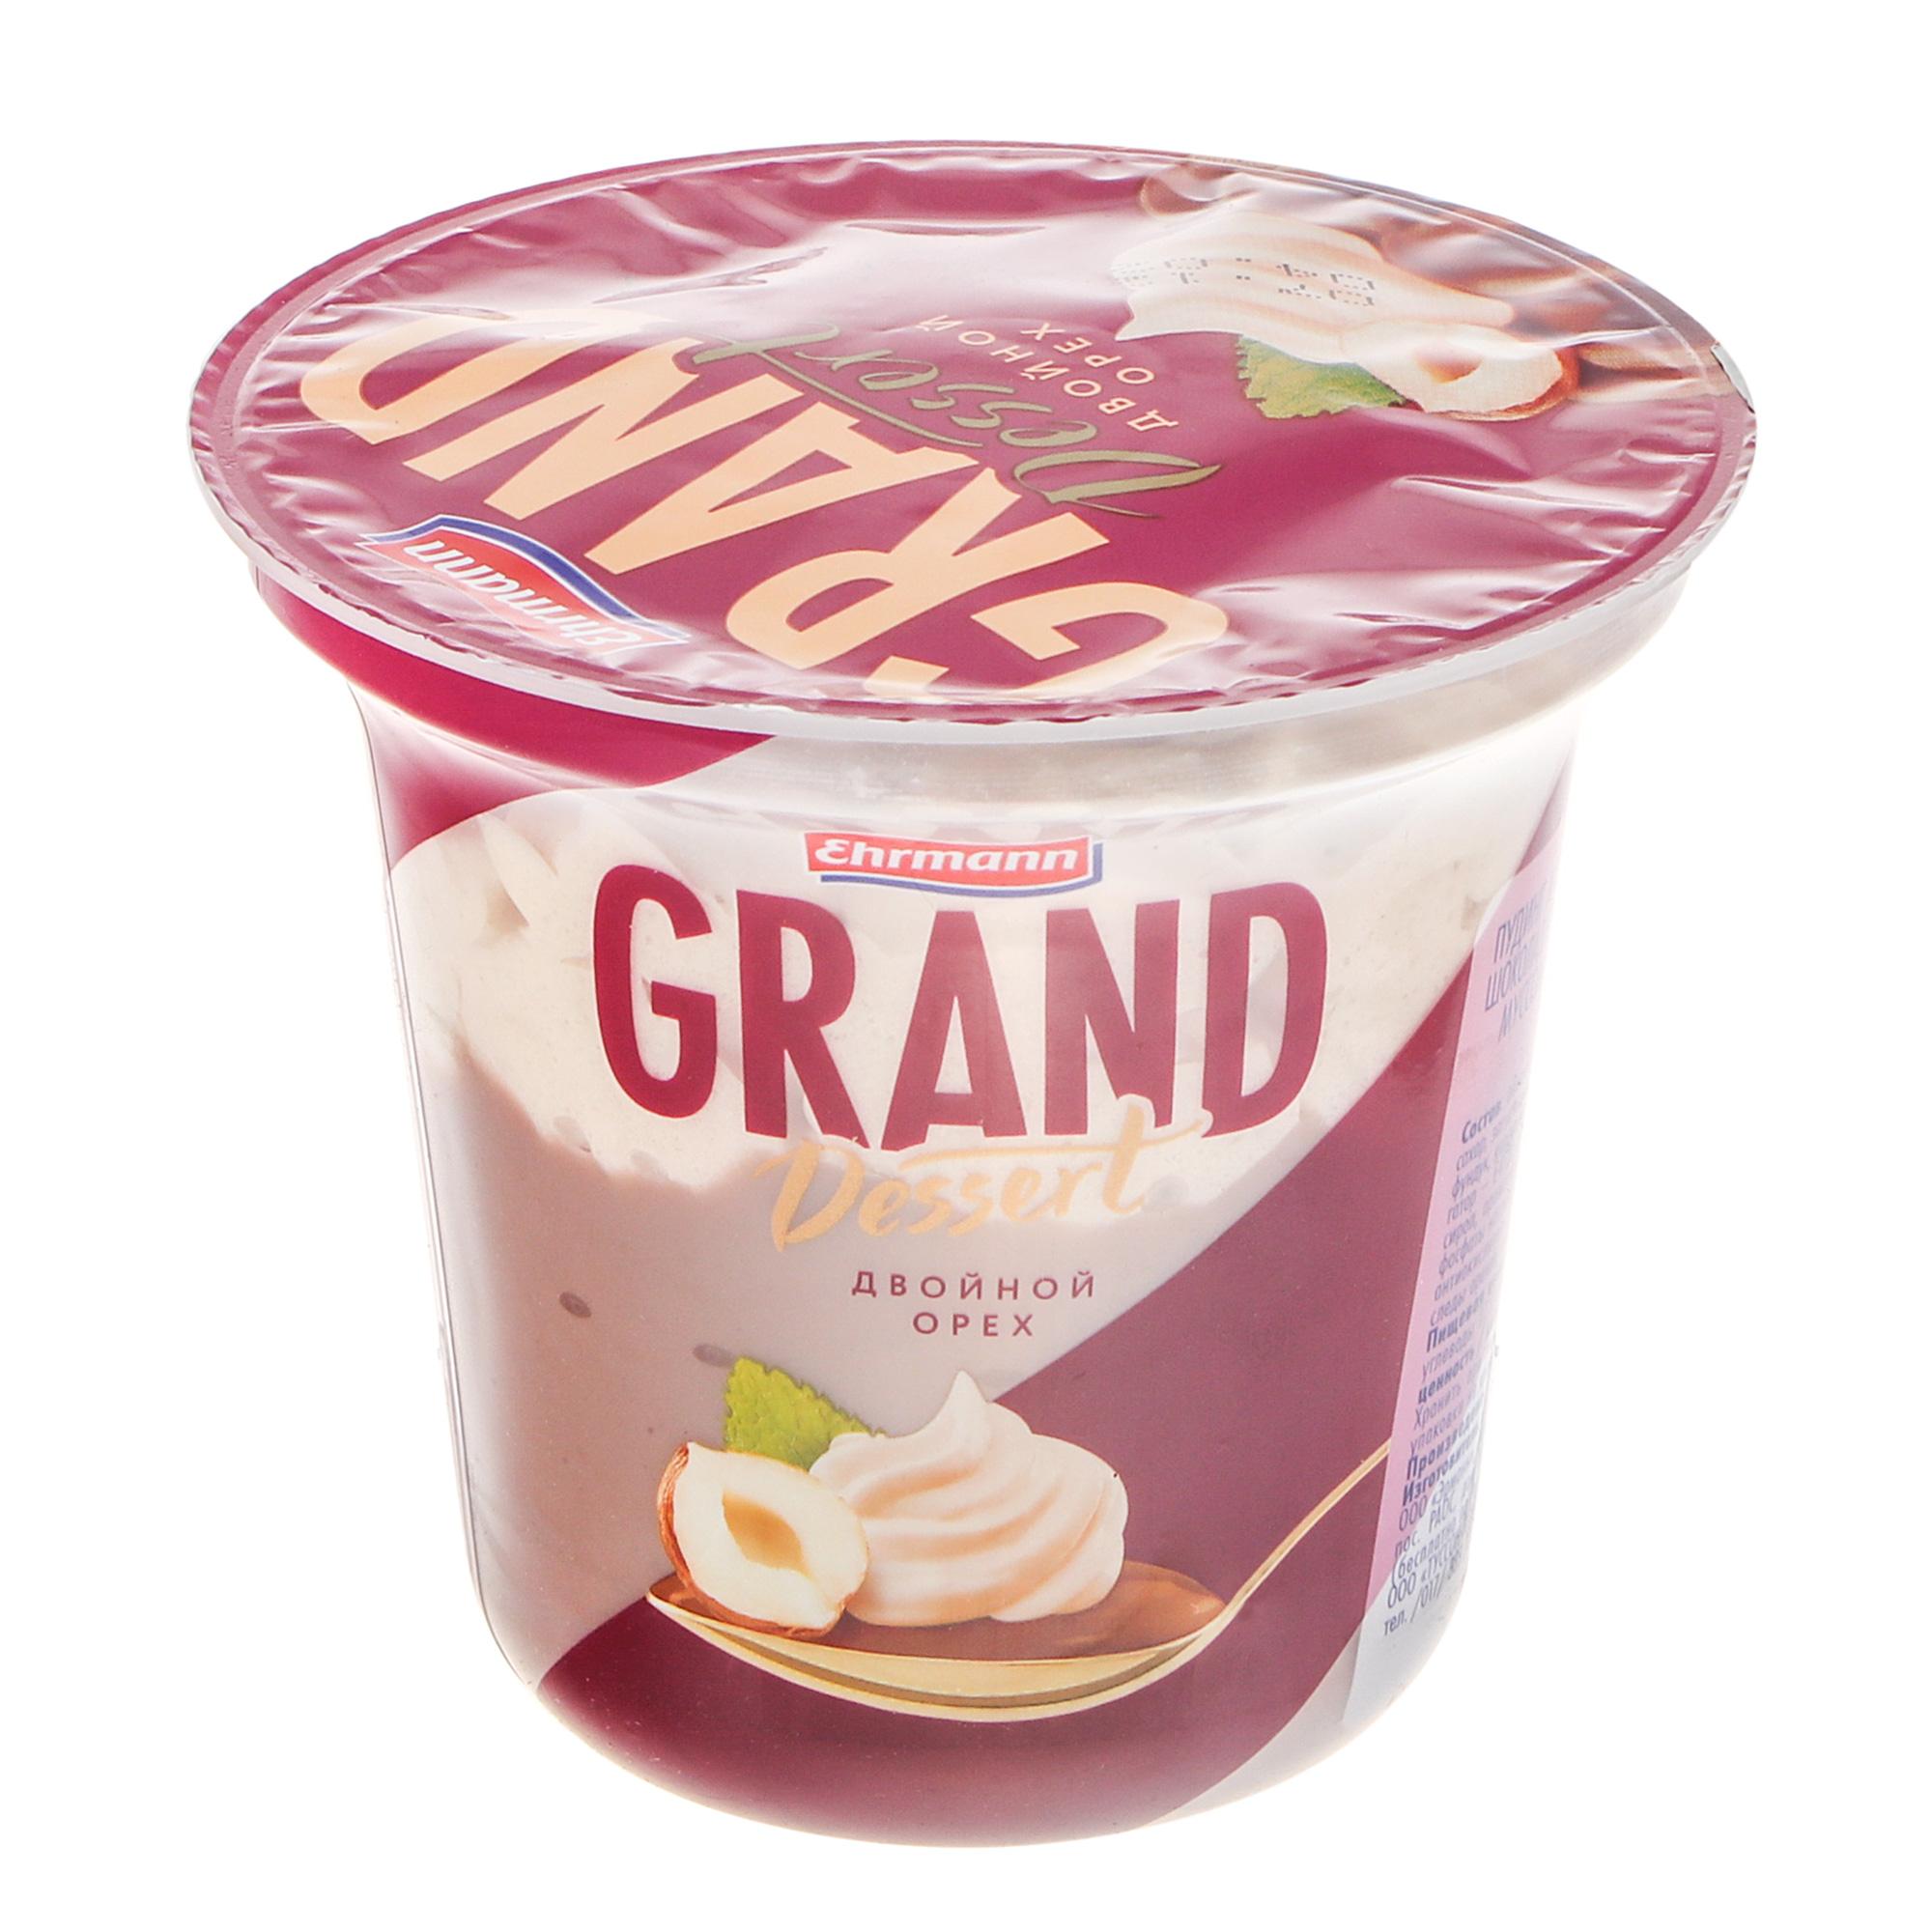 Пудинг Grand Dessert Ehrmann Двойной орех со сливочным муссом 4,9% 200 г